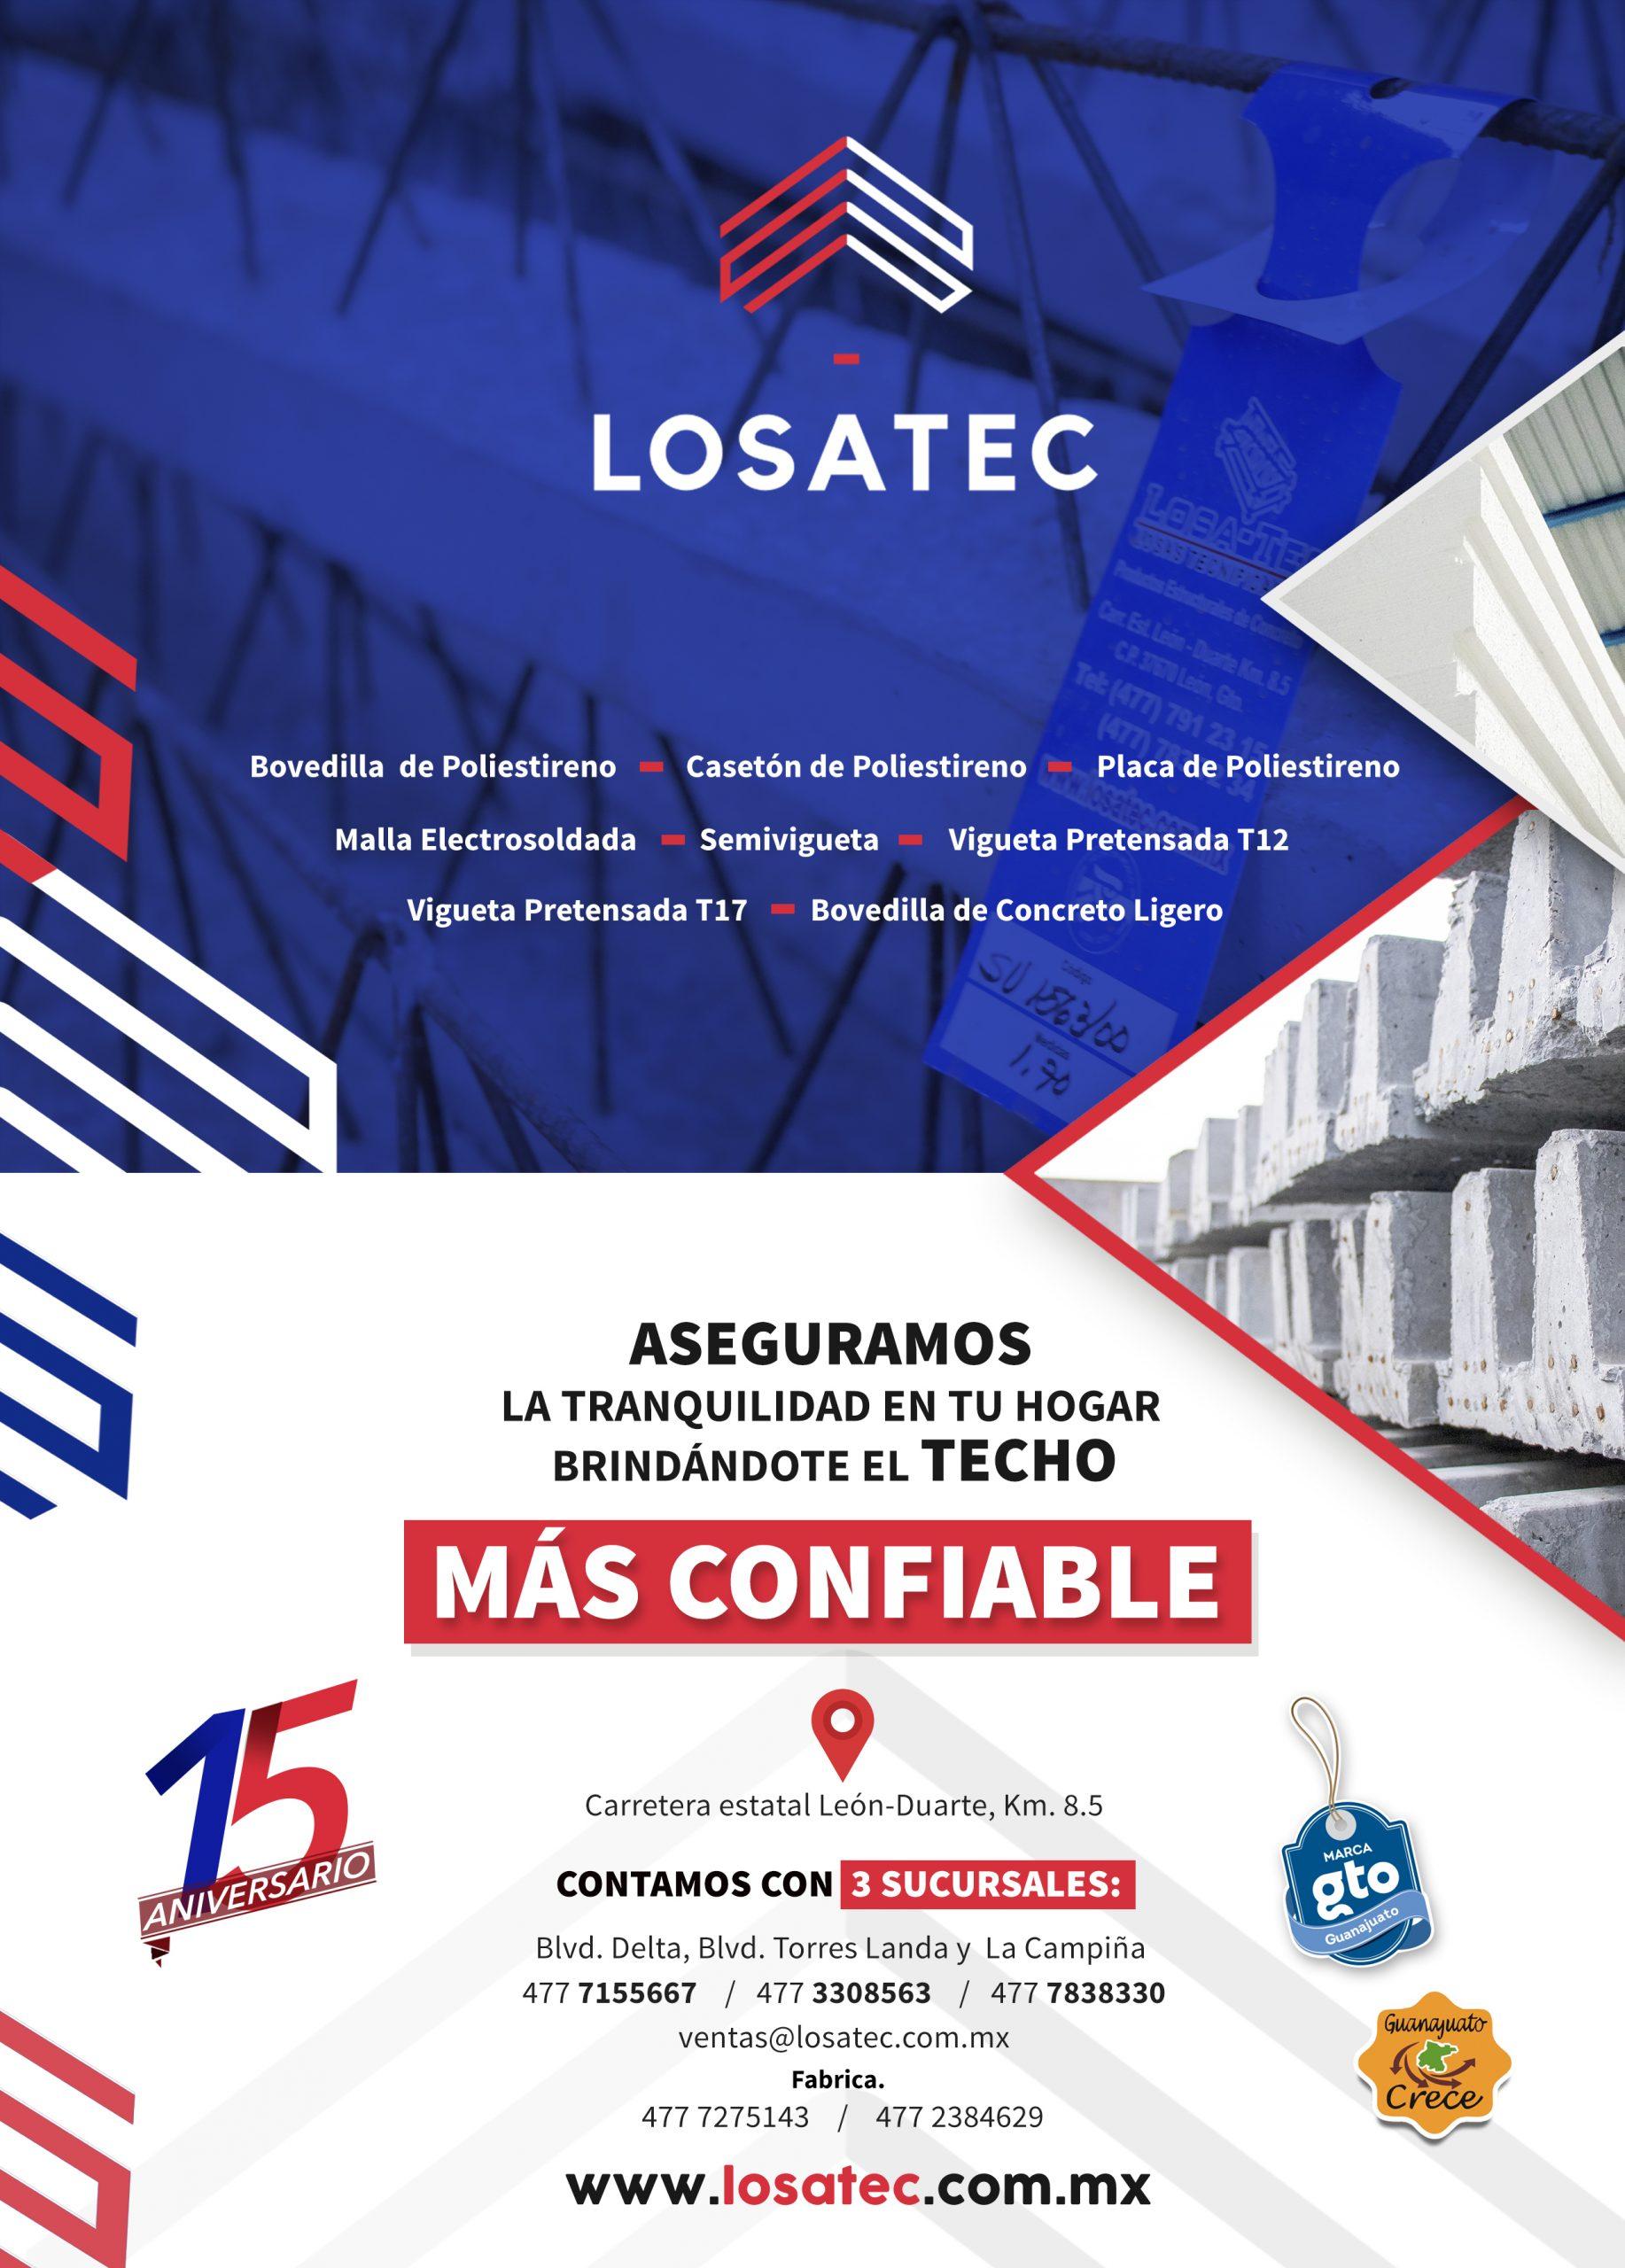 LOSATEC